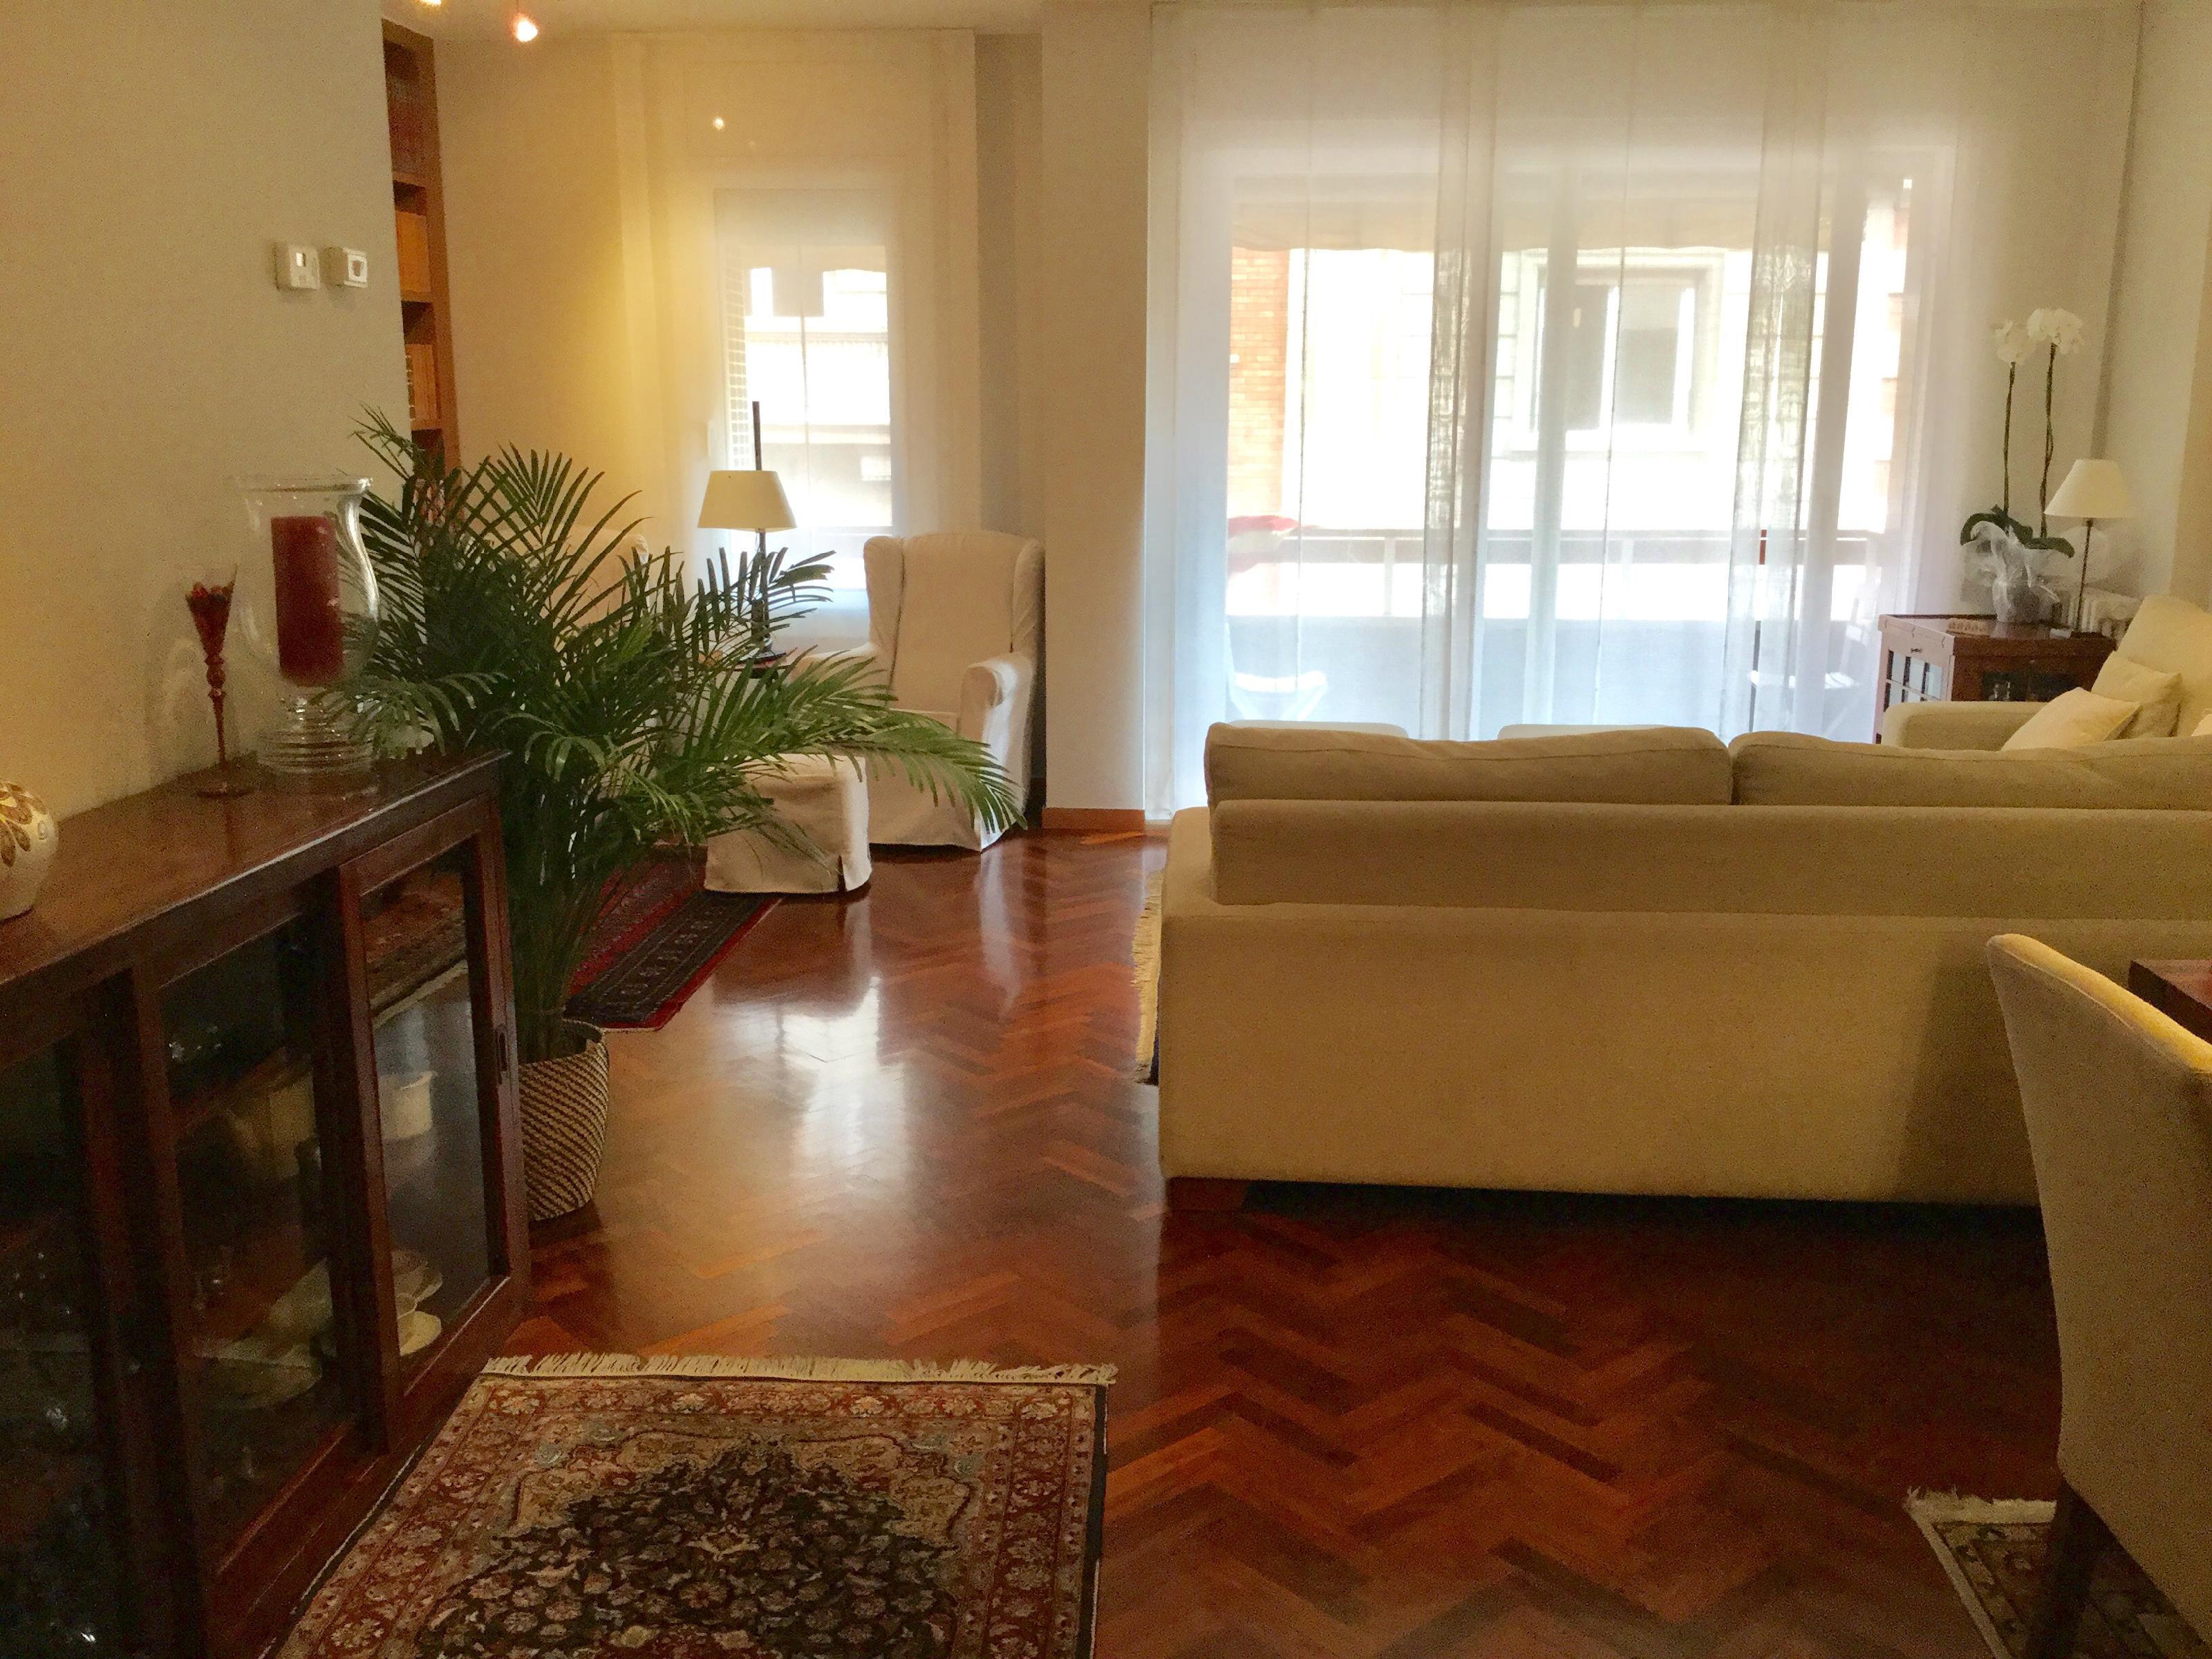 198228 Apartamento en venda en Sarrià-Sant Gervasi, St. Gervasi-Bonanova 1